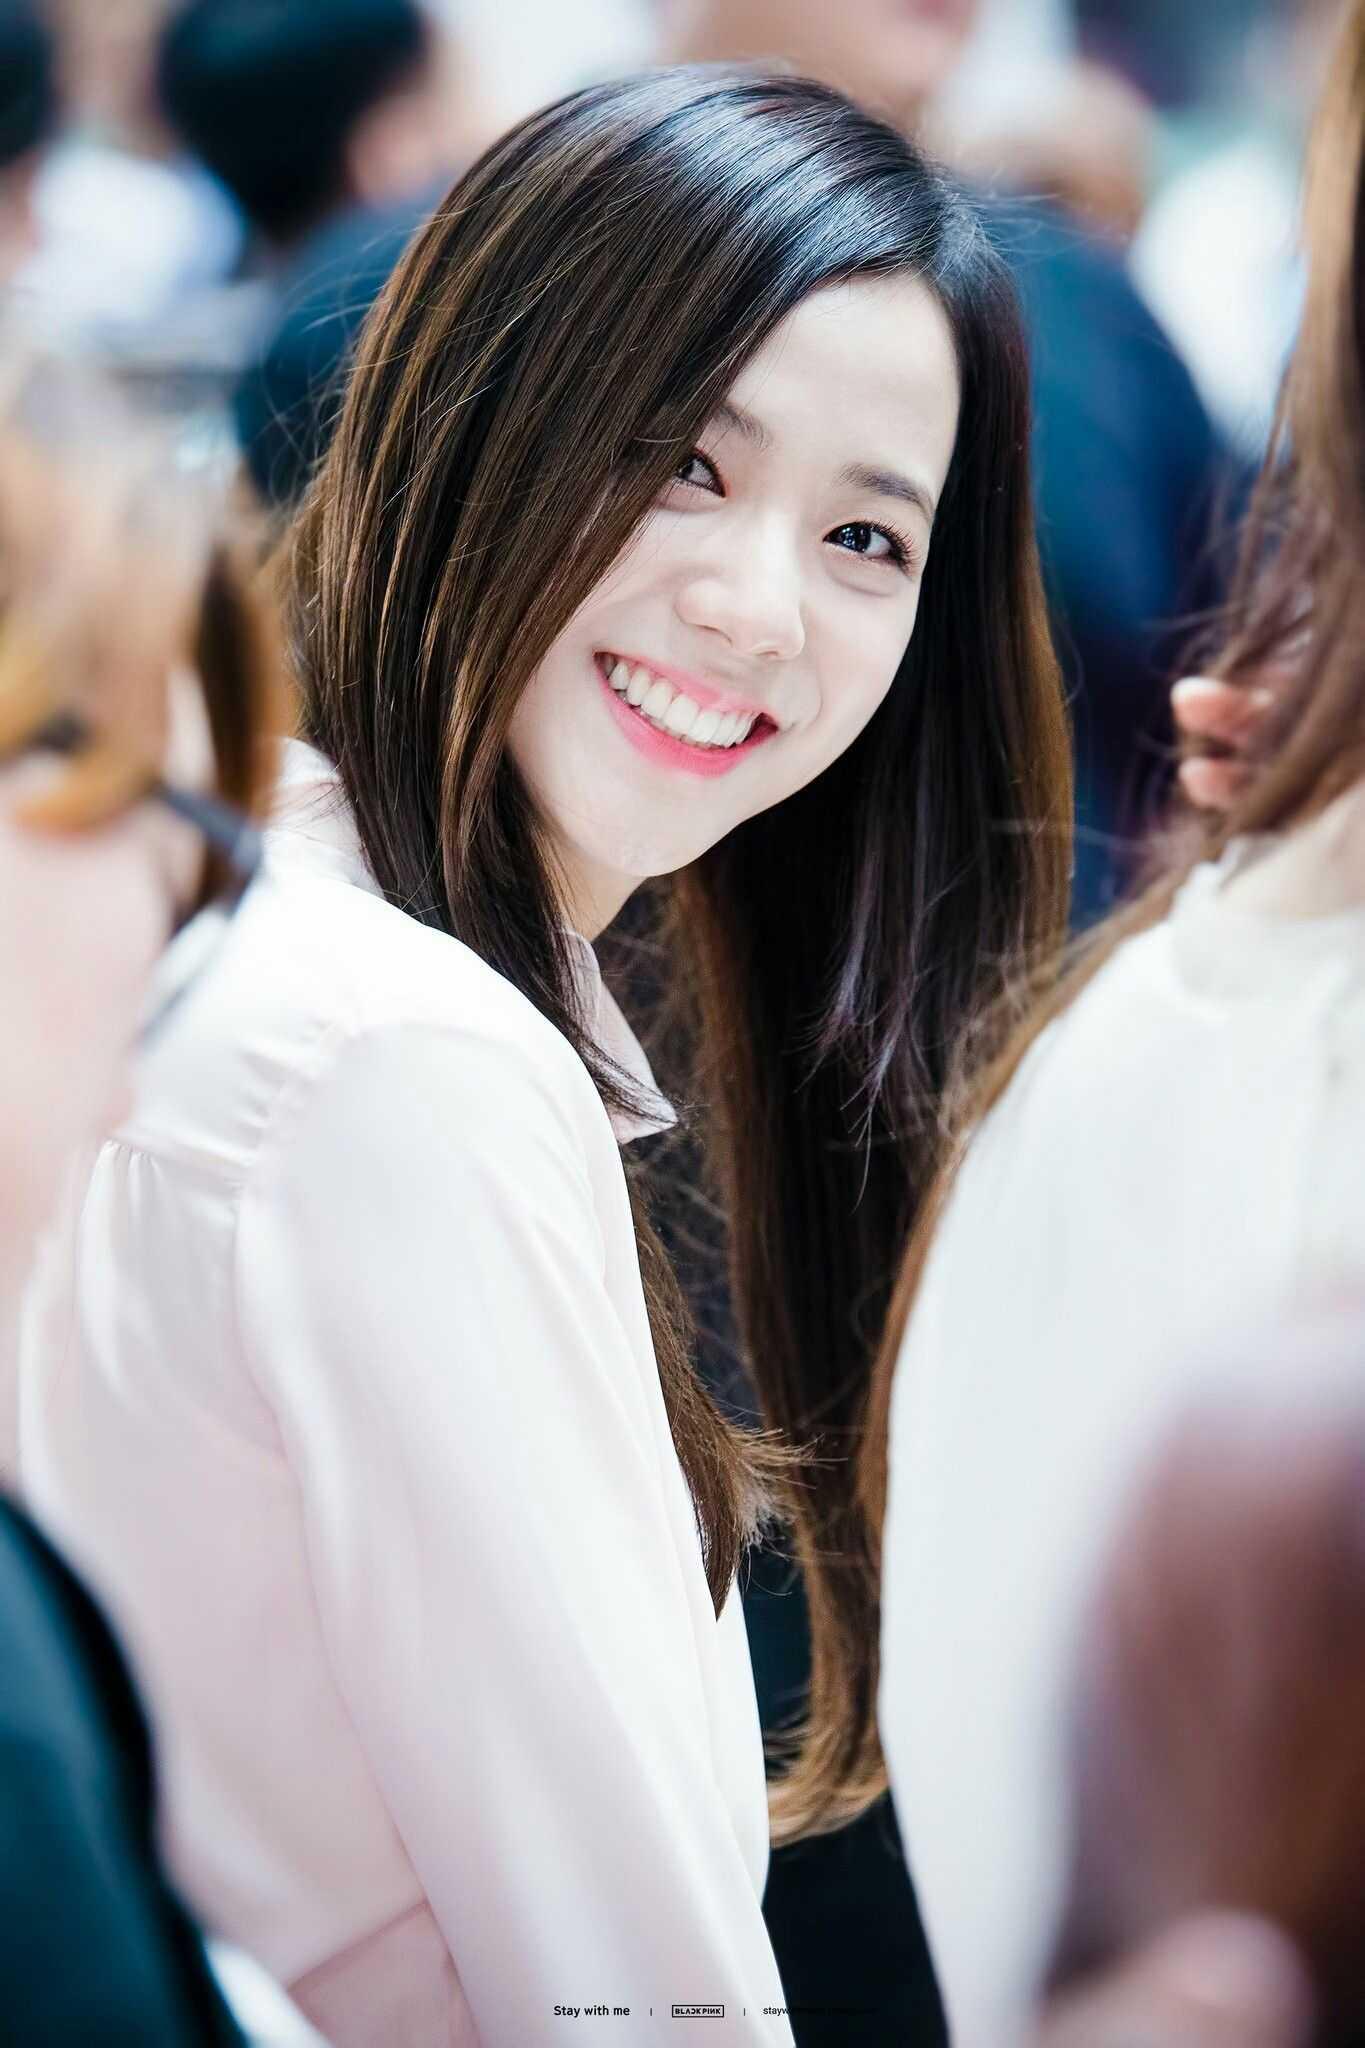 jisoo smile